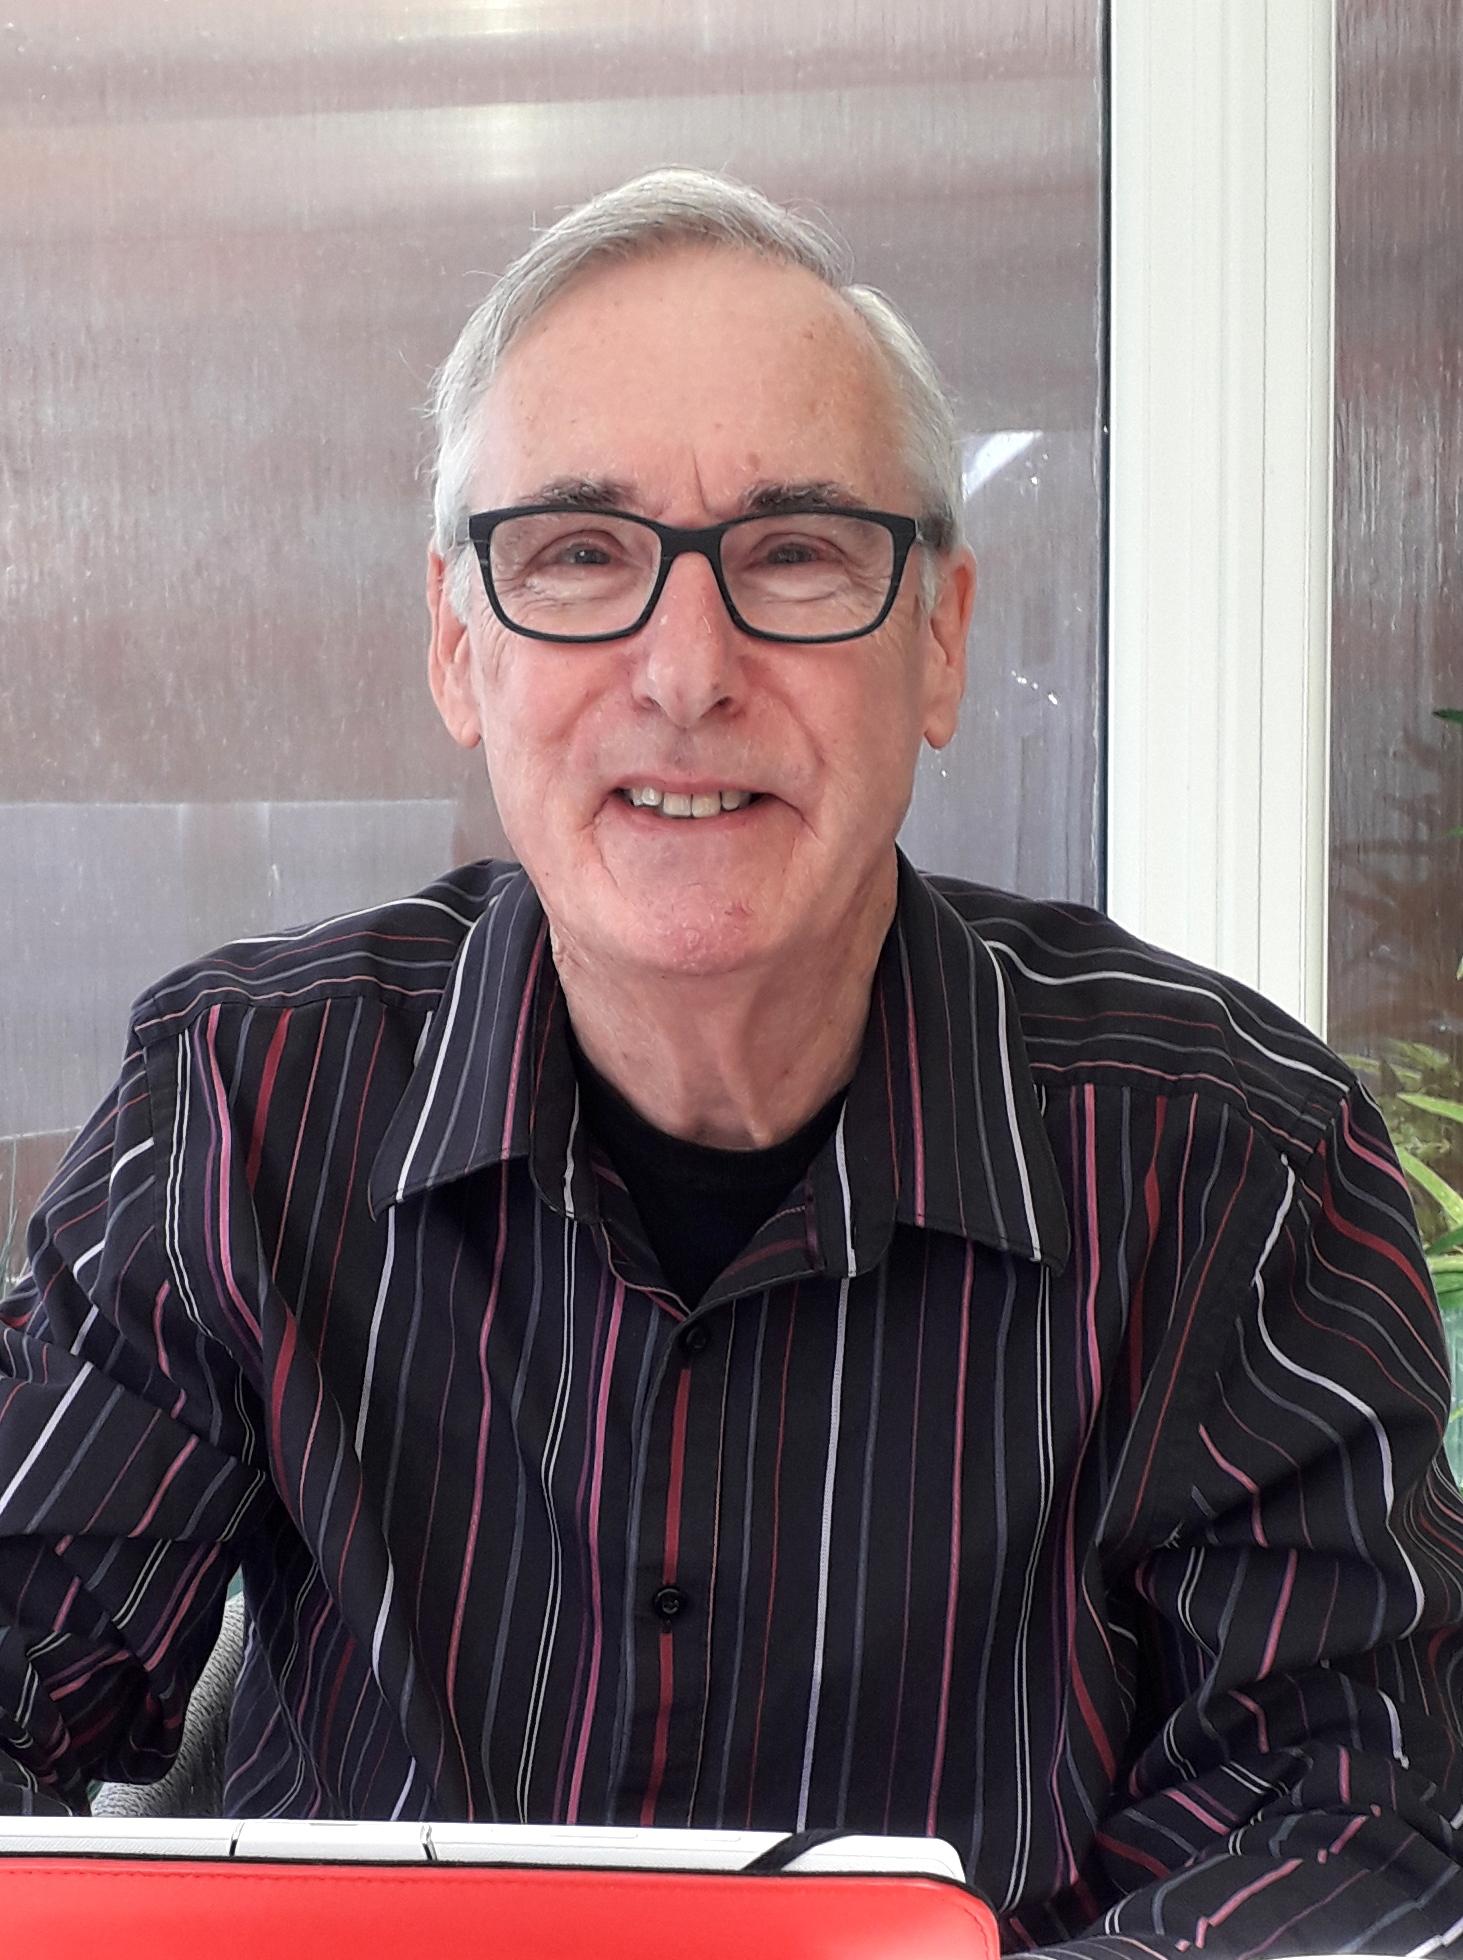 Derek Firman